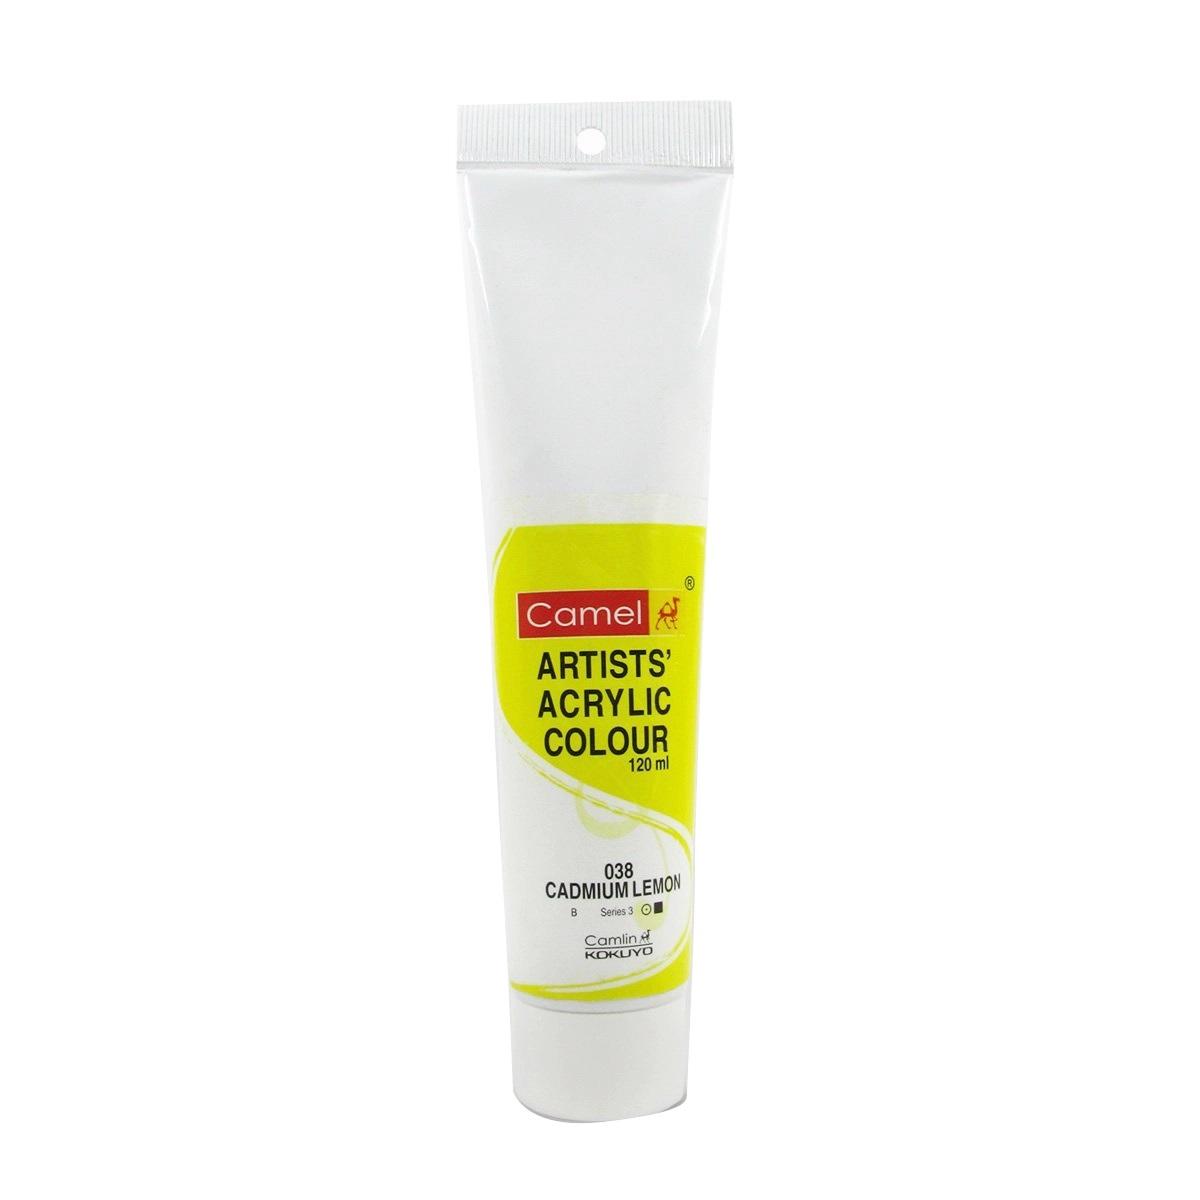 Camlin Artist Acrylic Colour 120ml Cadmium Lemon 038